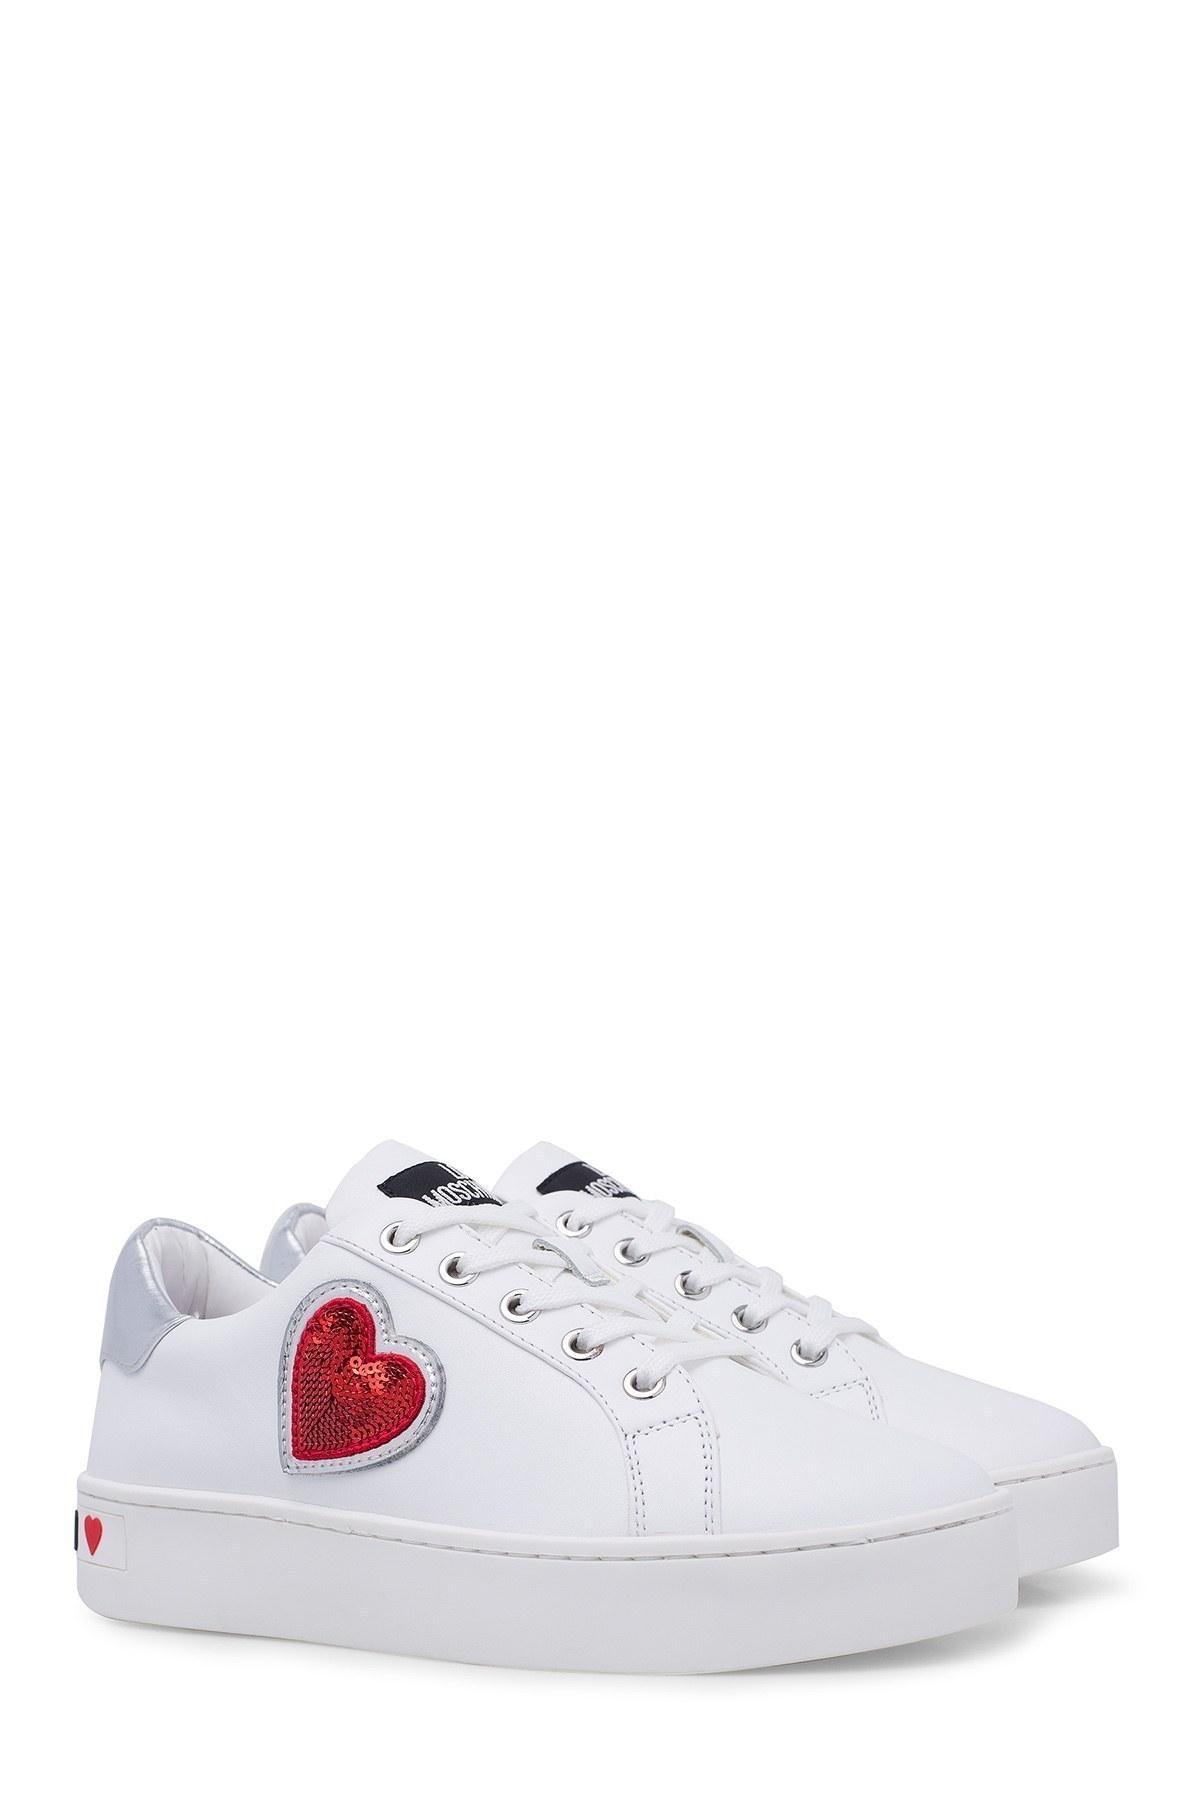 Love Moschino Kadın Ayakkabı JA15063G1A10B BEYAZ